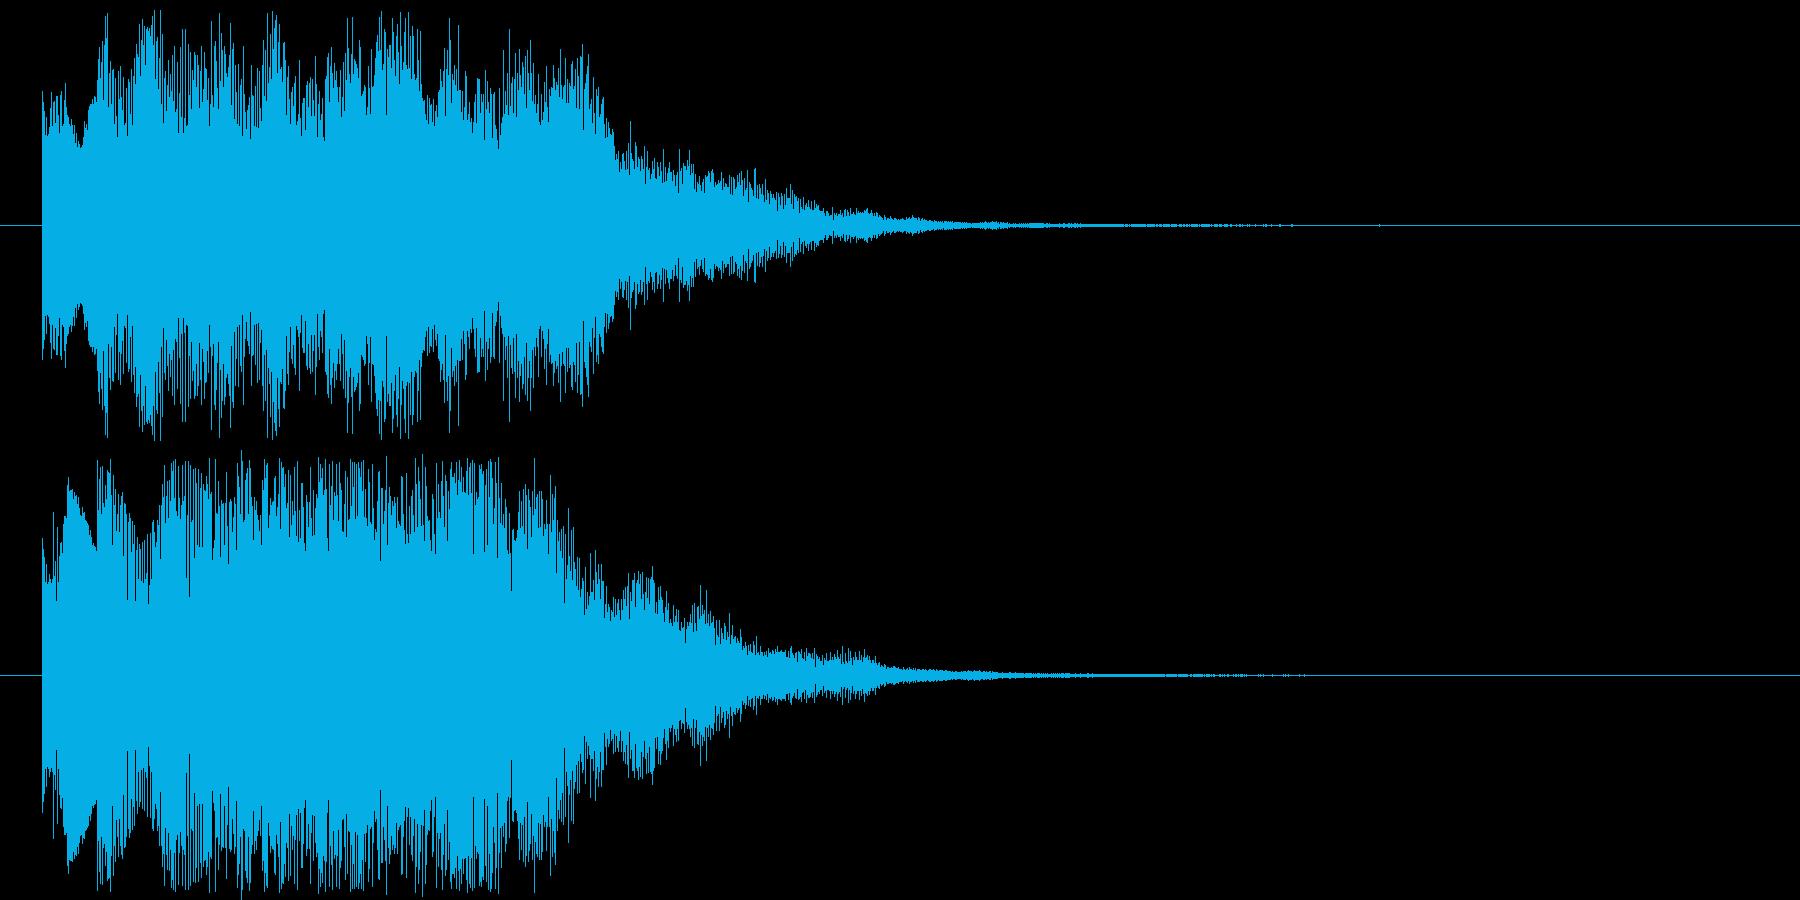 チャイムを思わせるミュージックの再生済みの波形